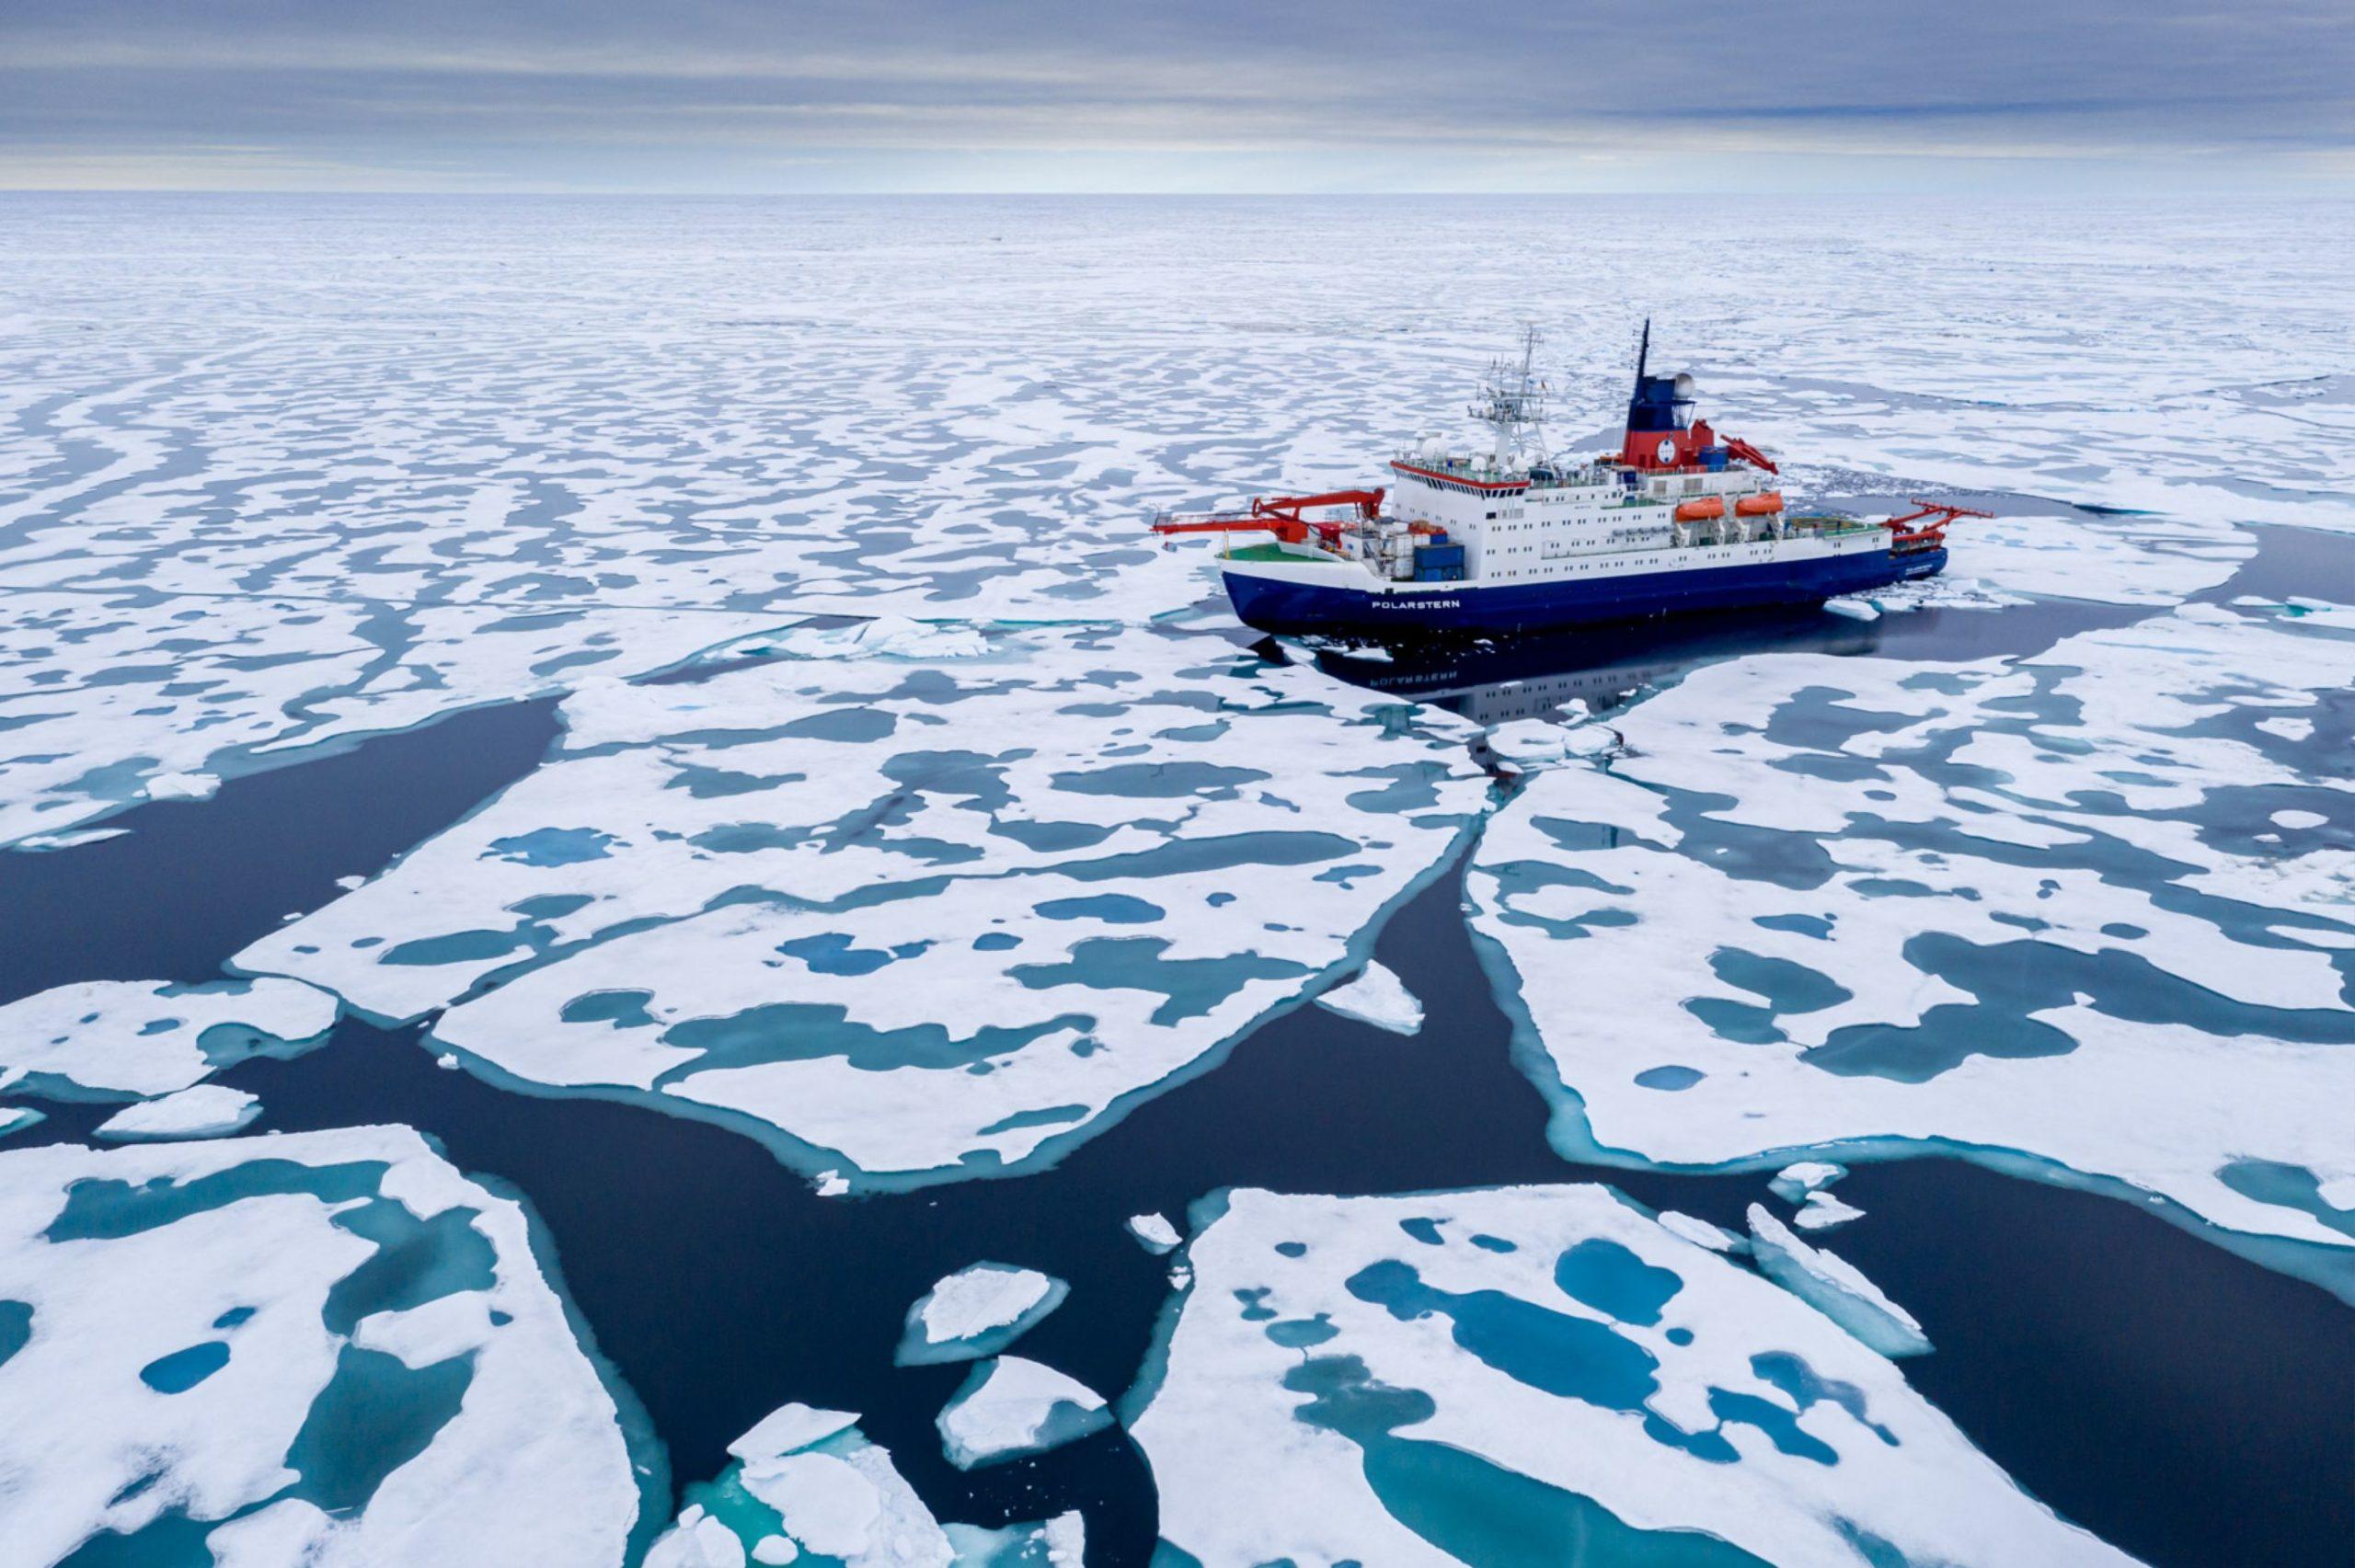 Polarstern im Eis mit Schmeltümpeln